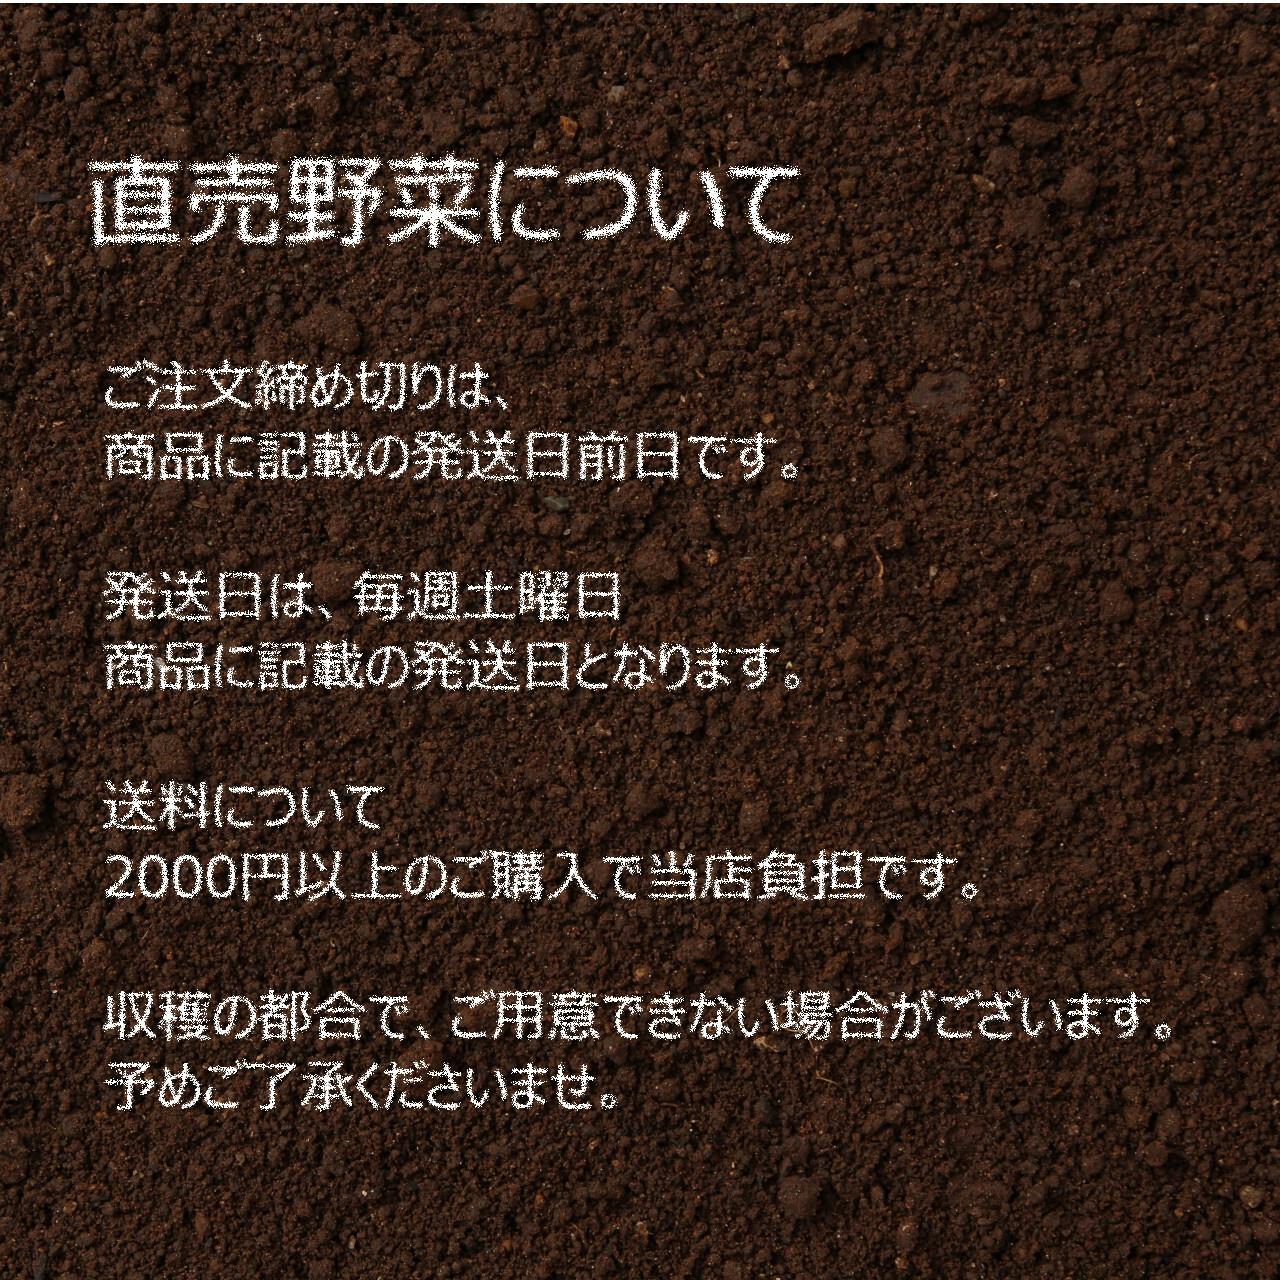 新鮮な秋野菜 : ミョウガ 約100g 9月の朝採り直売野菜 9月14日発送予定